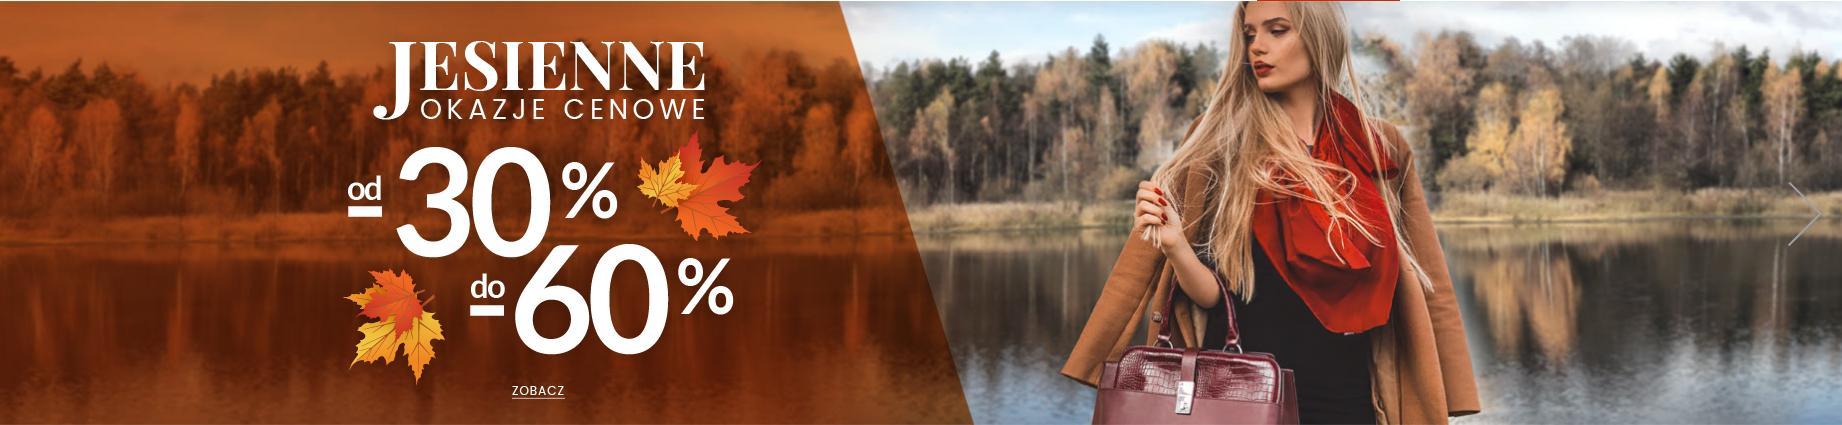 Wittchen: do 60% zniżki na odzież, obuwie damskie i męskie oraz torebki